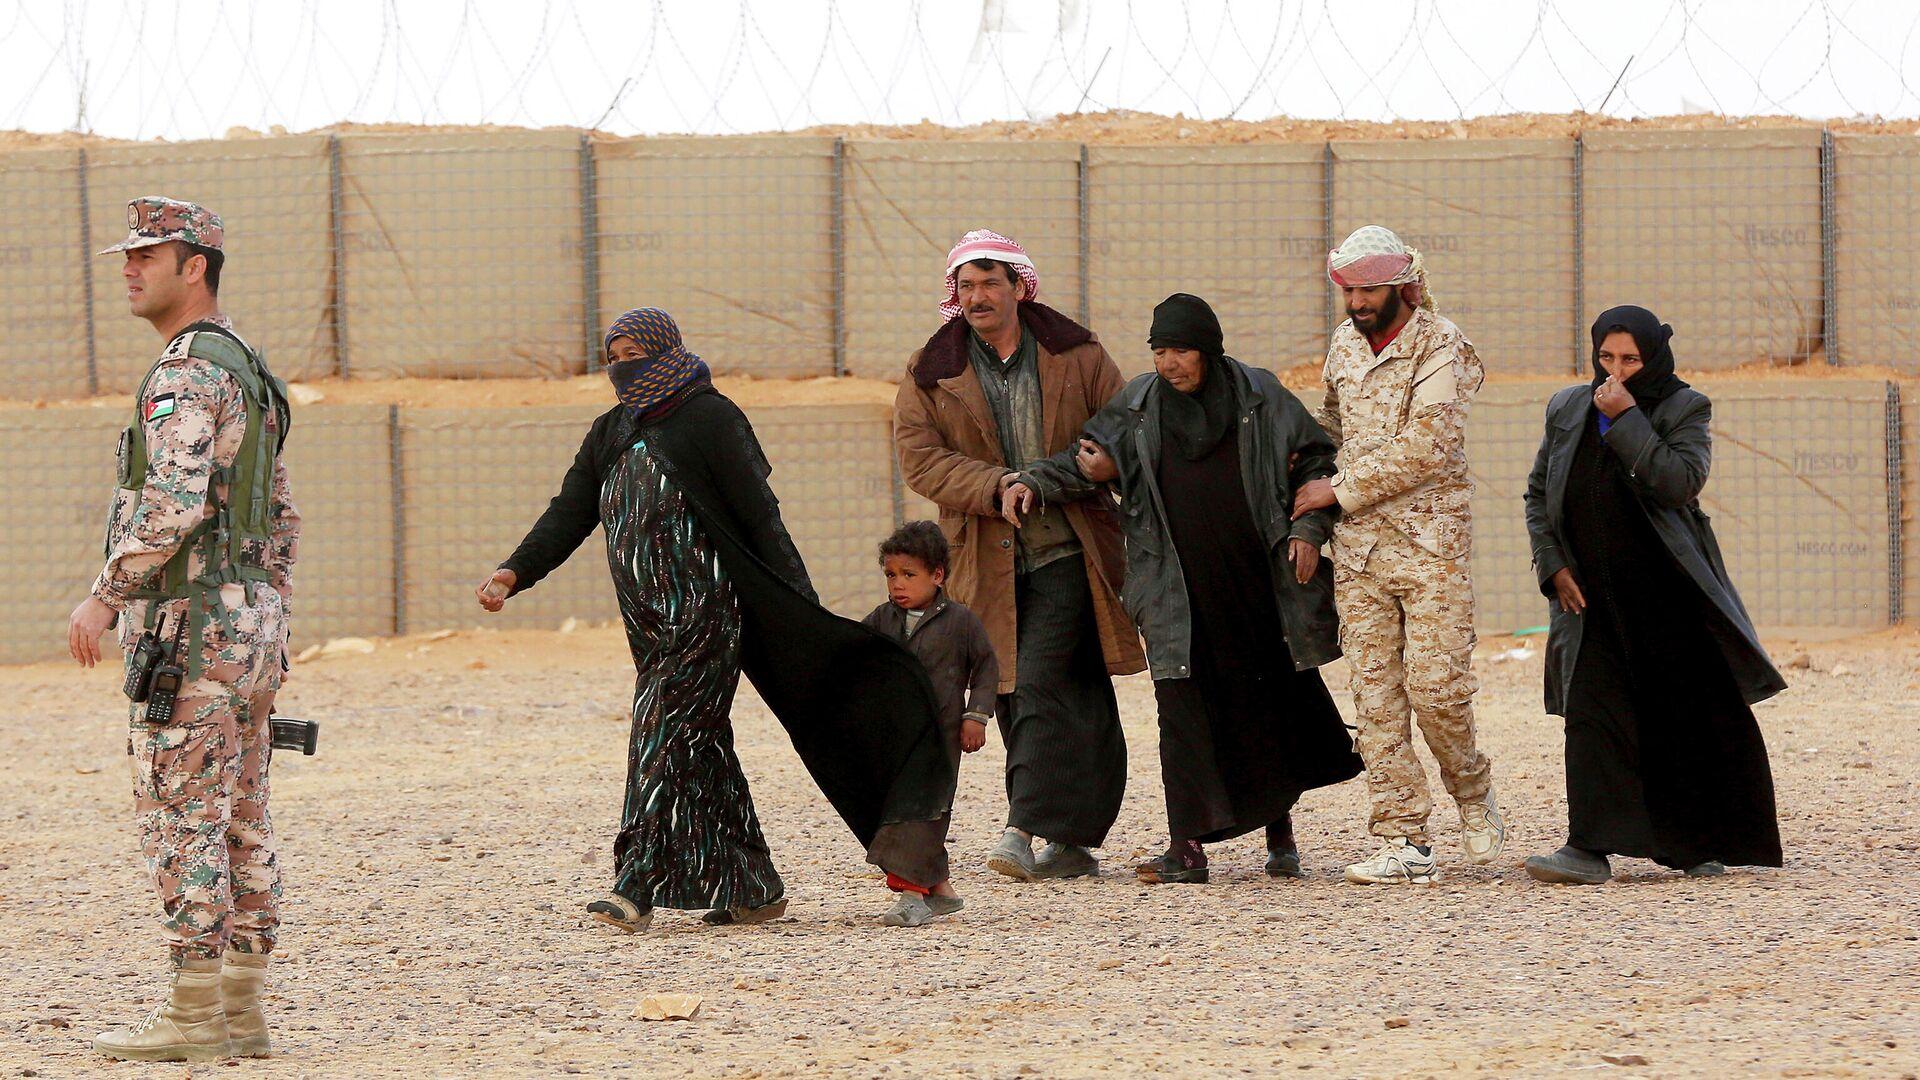 Сирийские беженцы в лагере Рукбан - РИА Новости, 1920, 01.03.2021